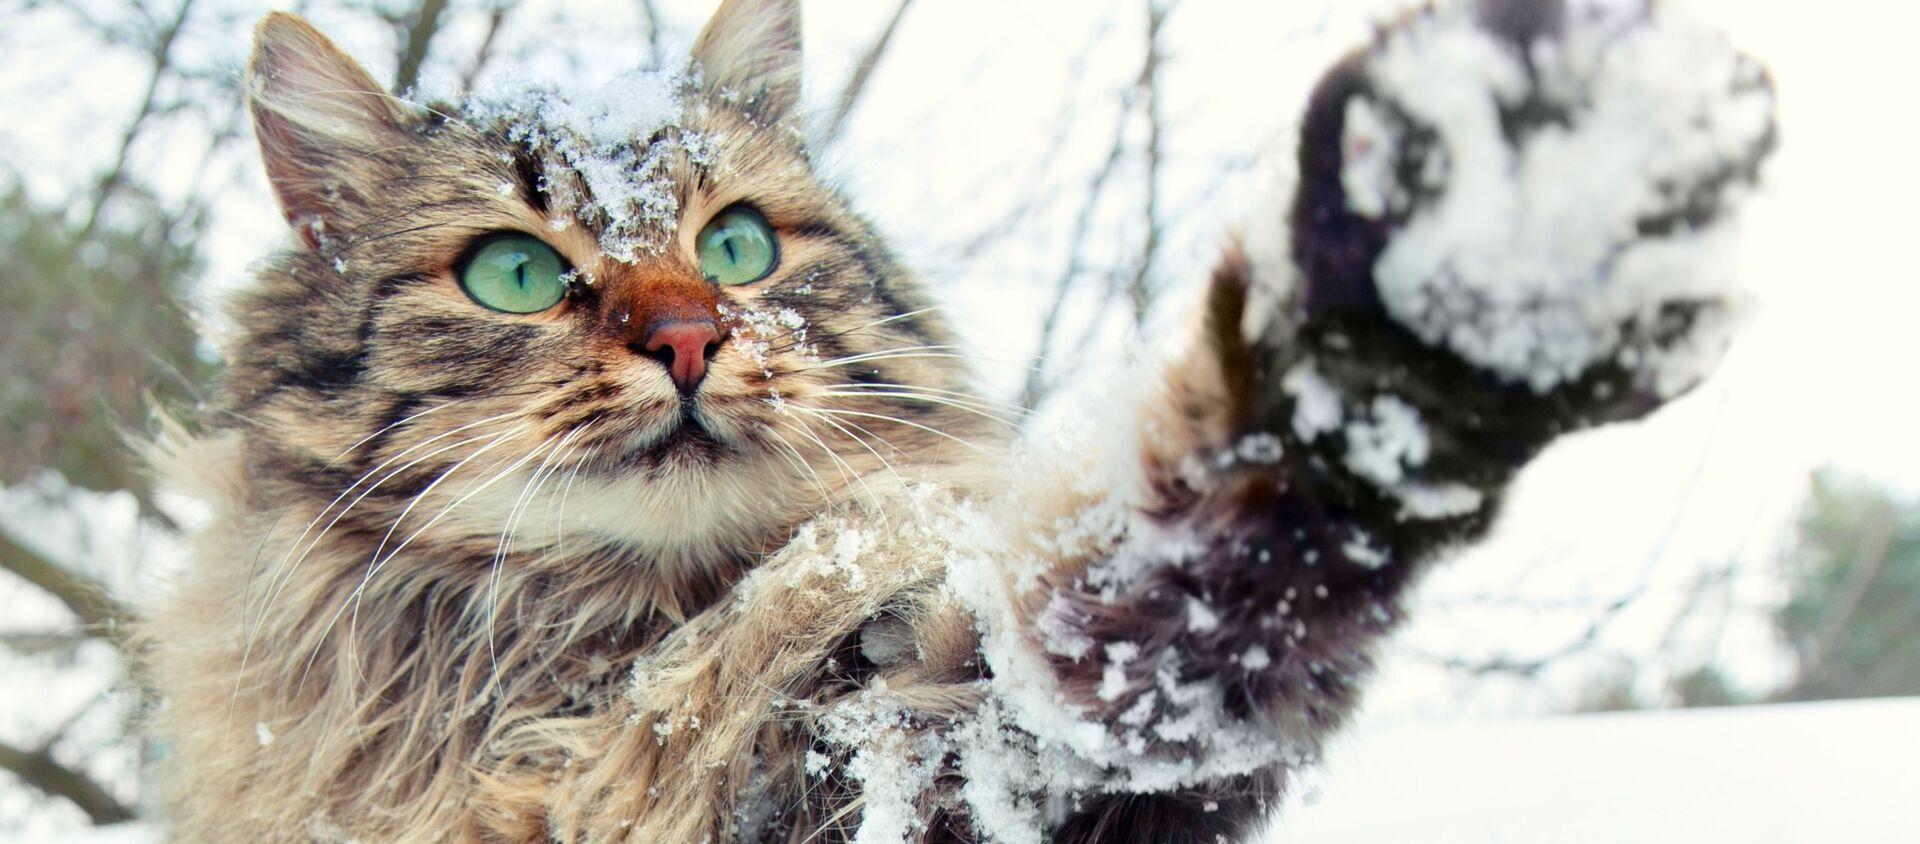 Кошка і снег - Sputnik Беларусь, 1920, 26.01.2021